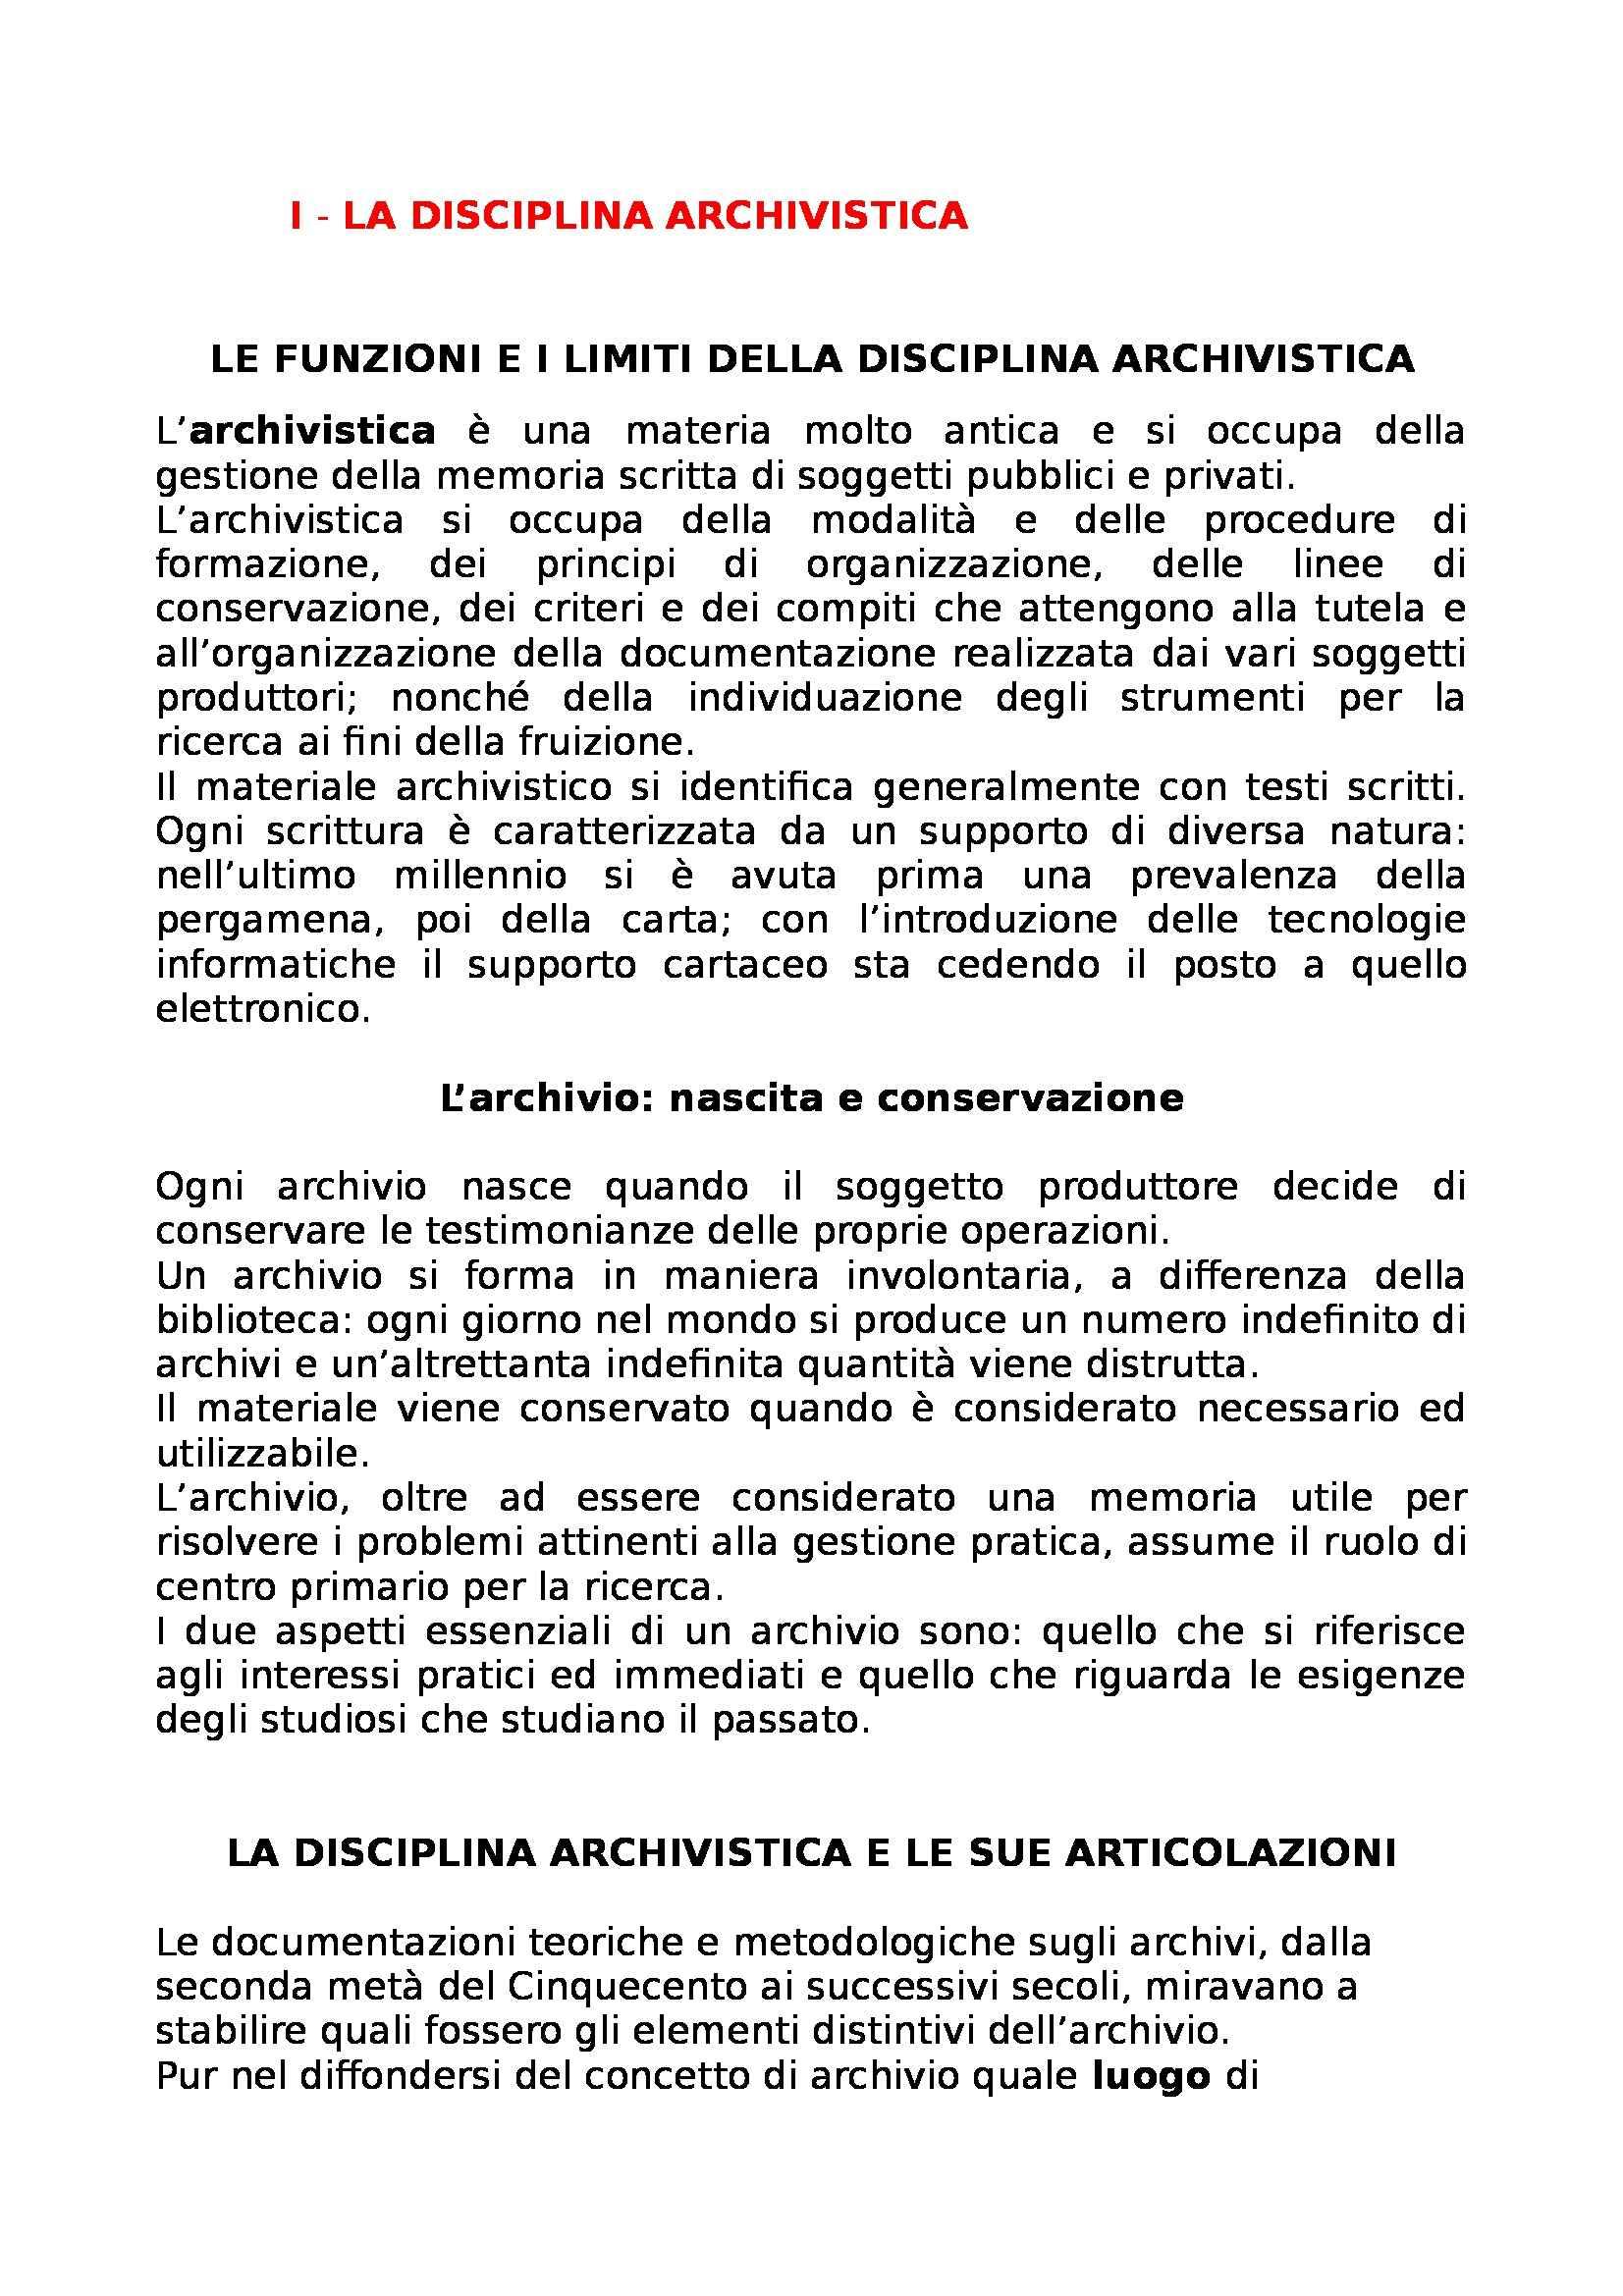 Riassunto esame Archivistica, prof. Giambastiani, libro consigliato Archivistica generale, Romiti